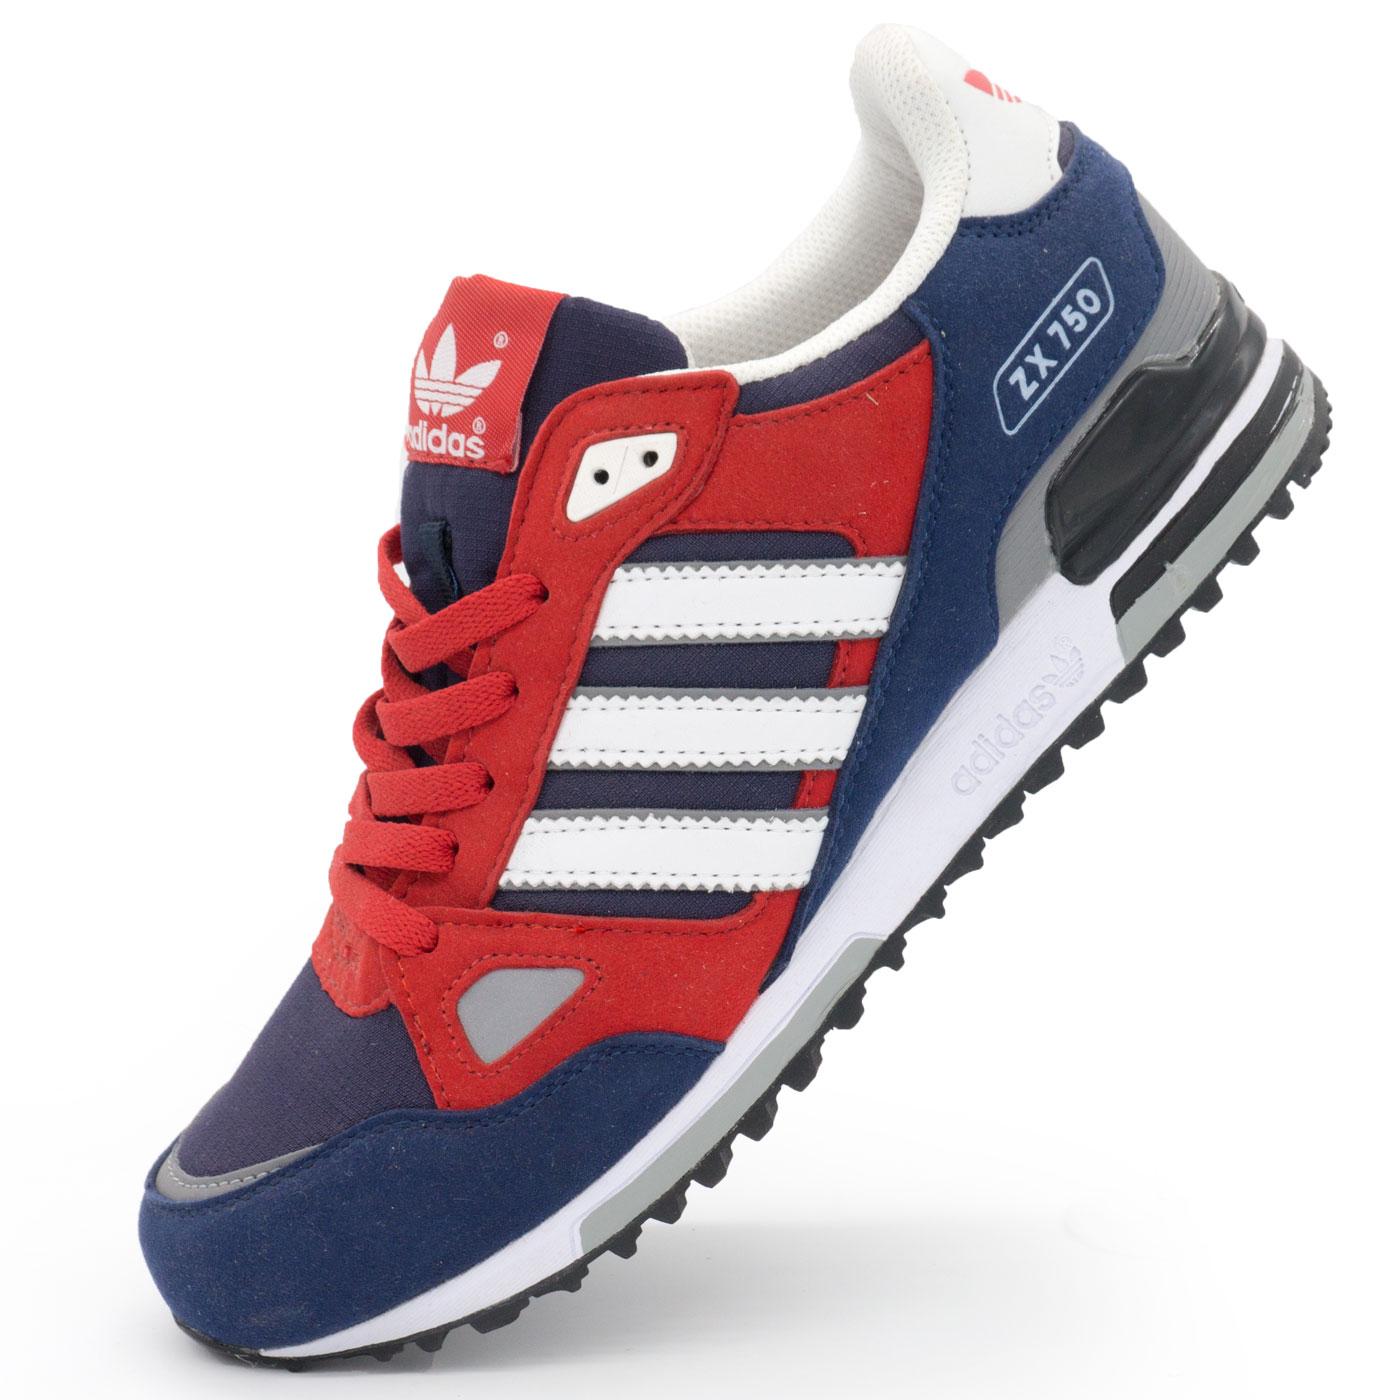 фото main Мужские кроссовки Adidas zx750 синие с красным - Топ качество! main